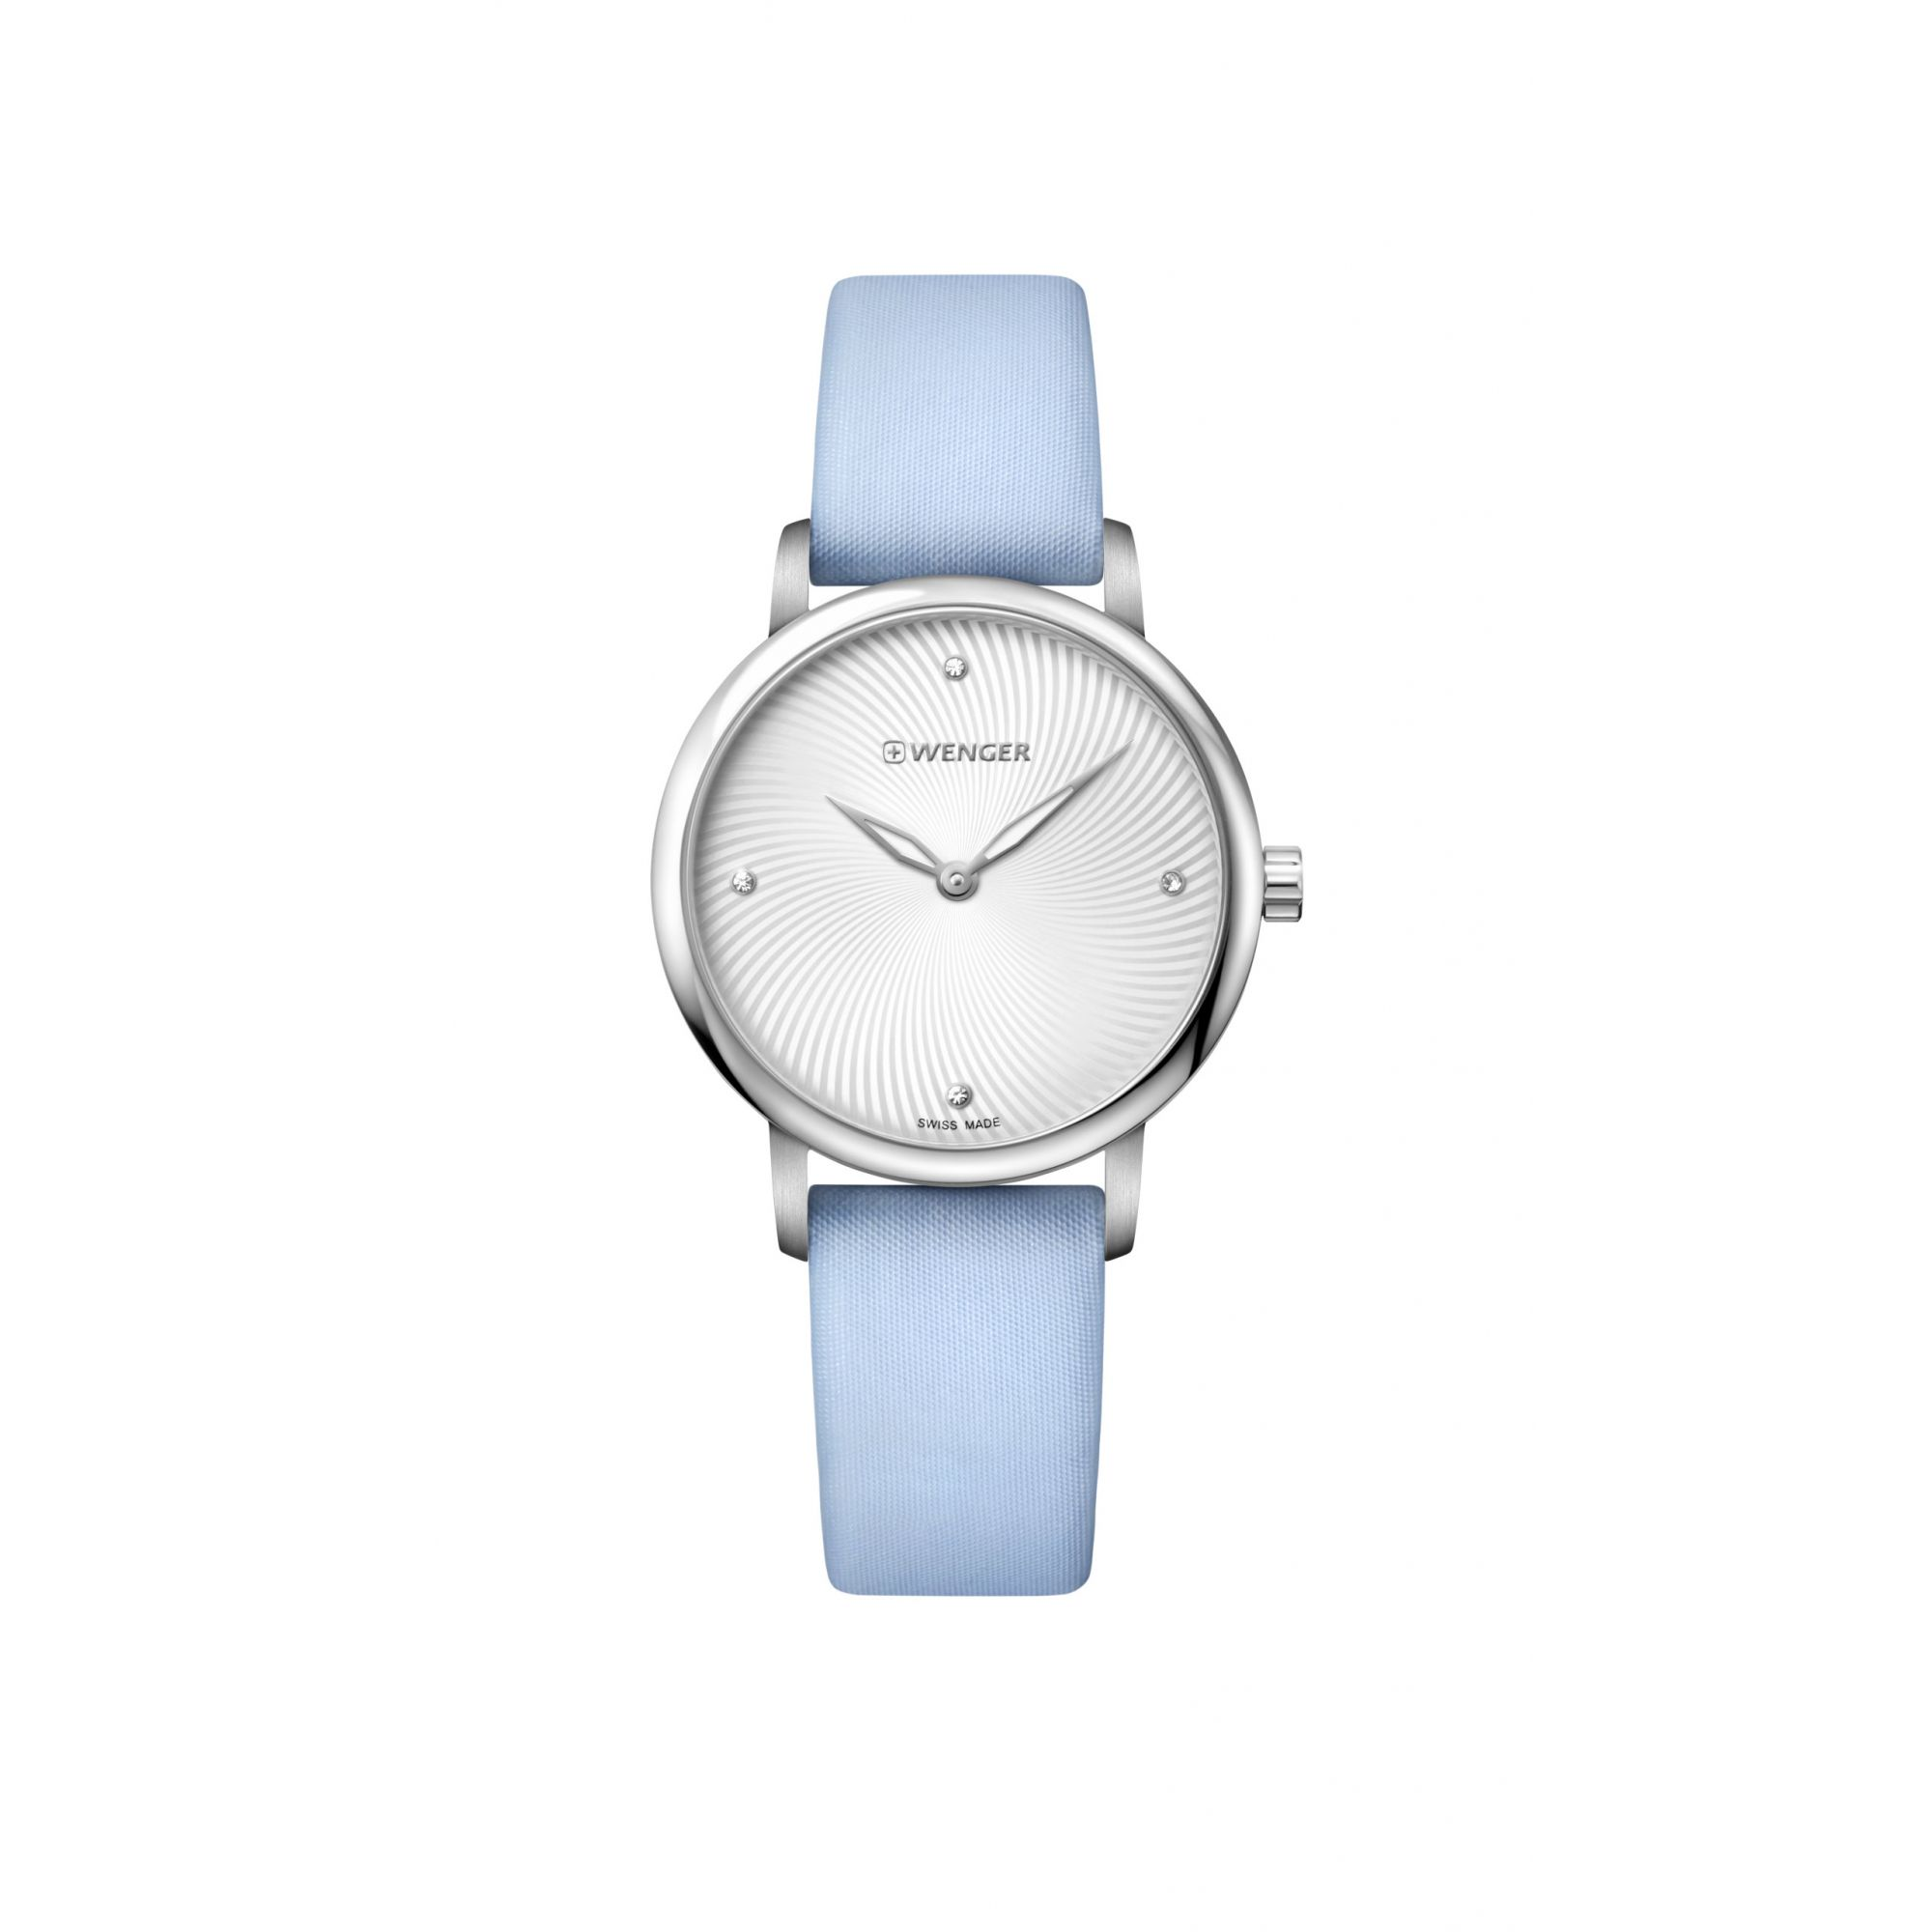 Relógio Wenger Urban Donnissima Azul - WENURDON108